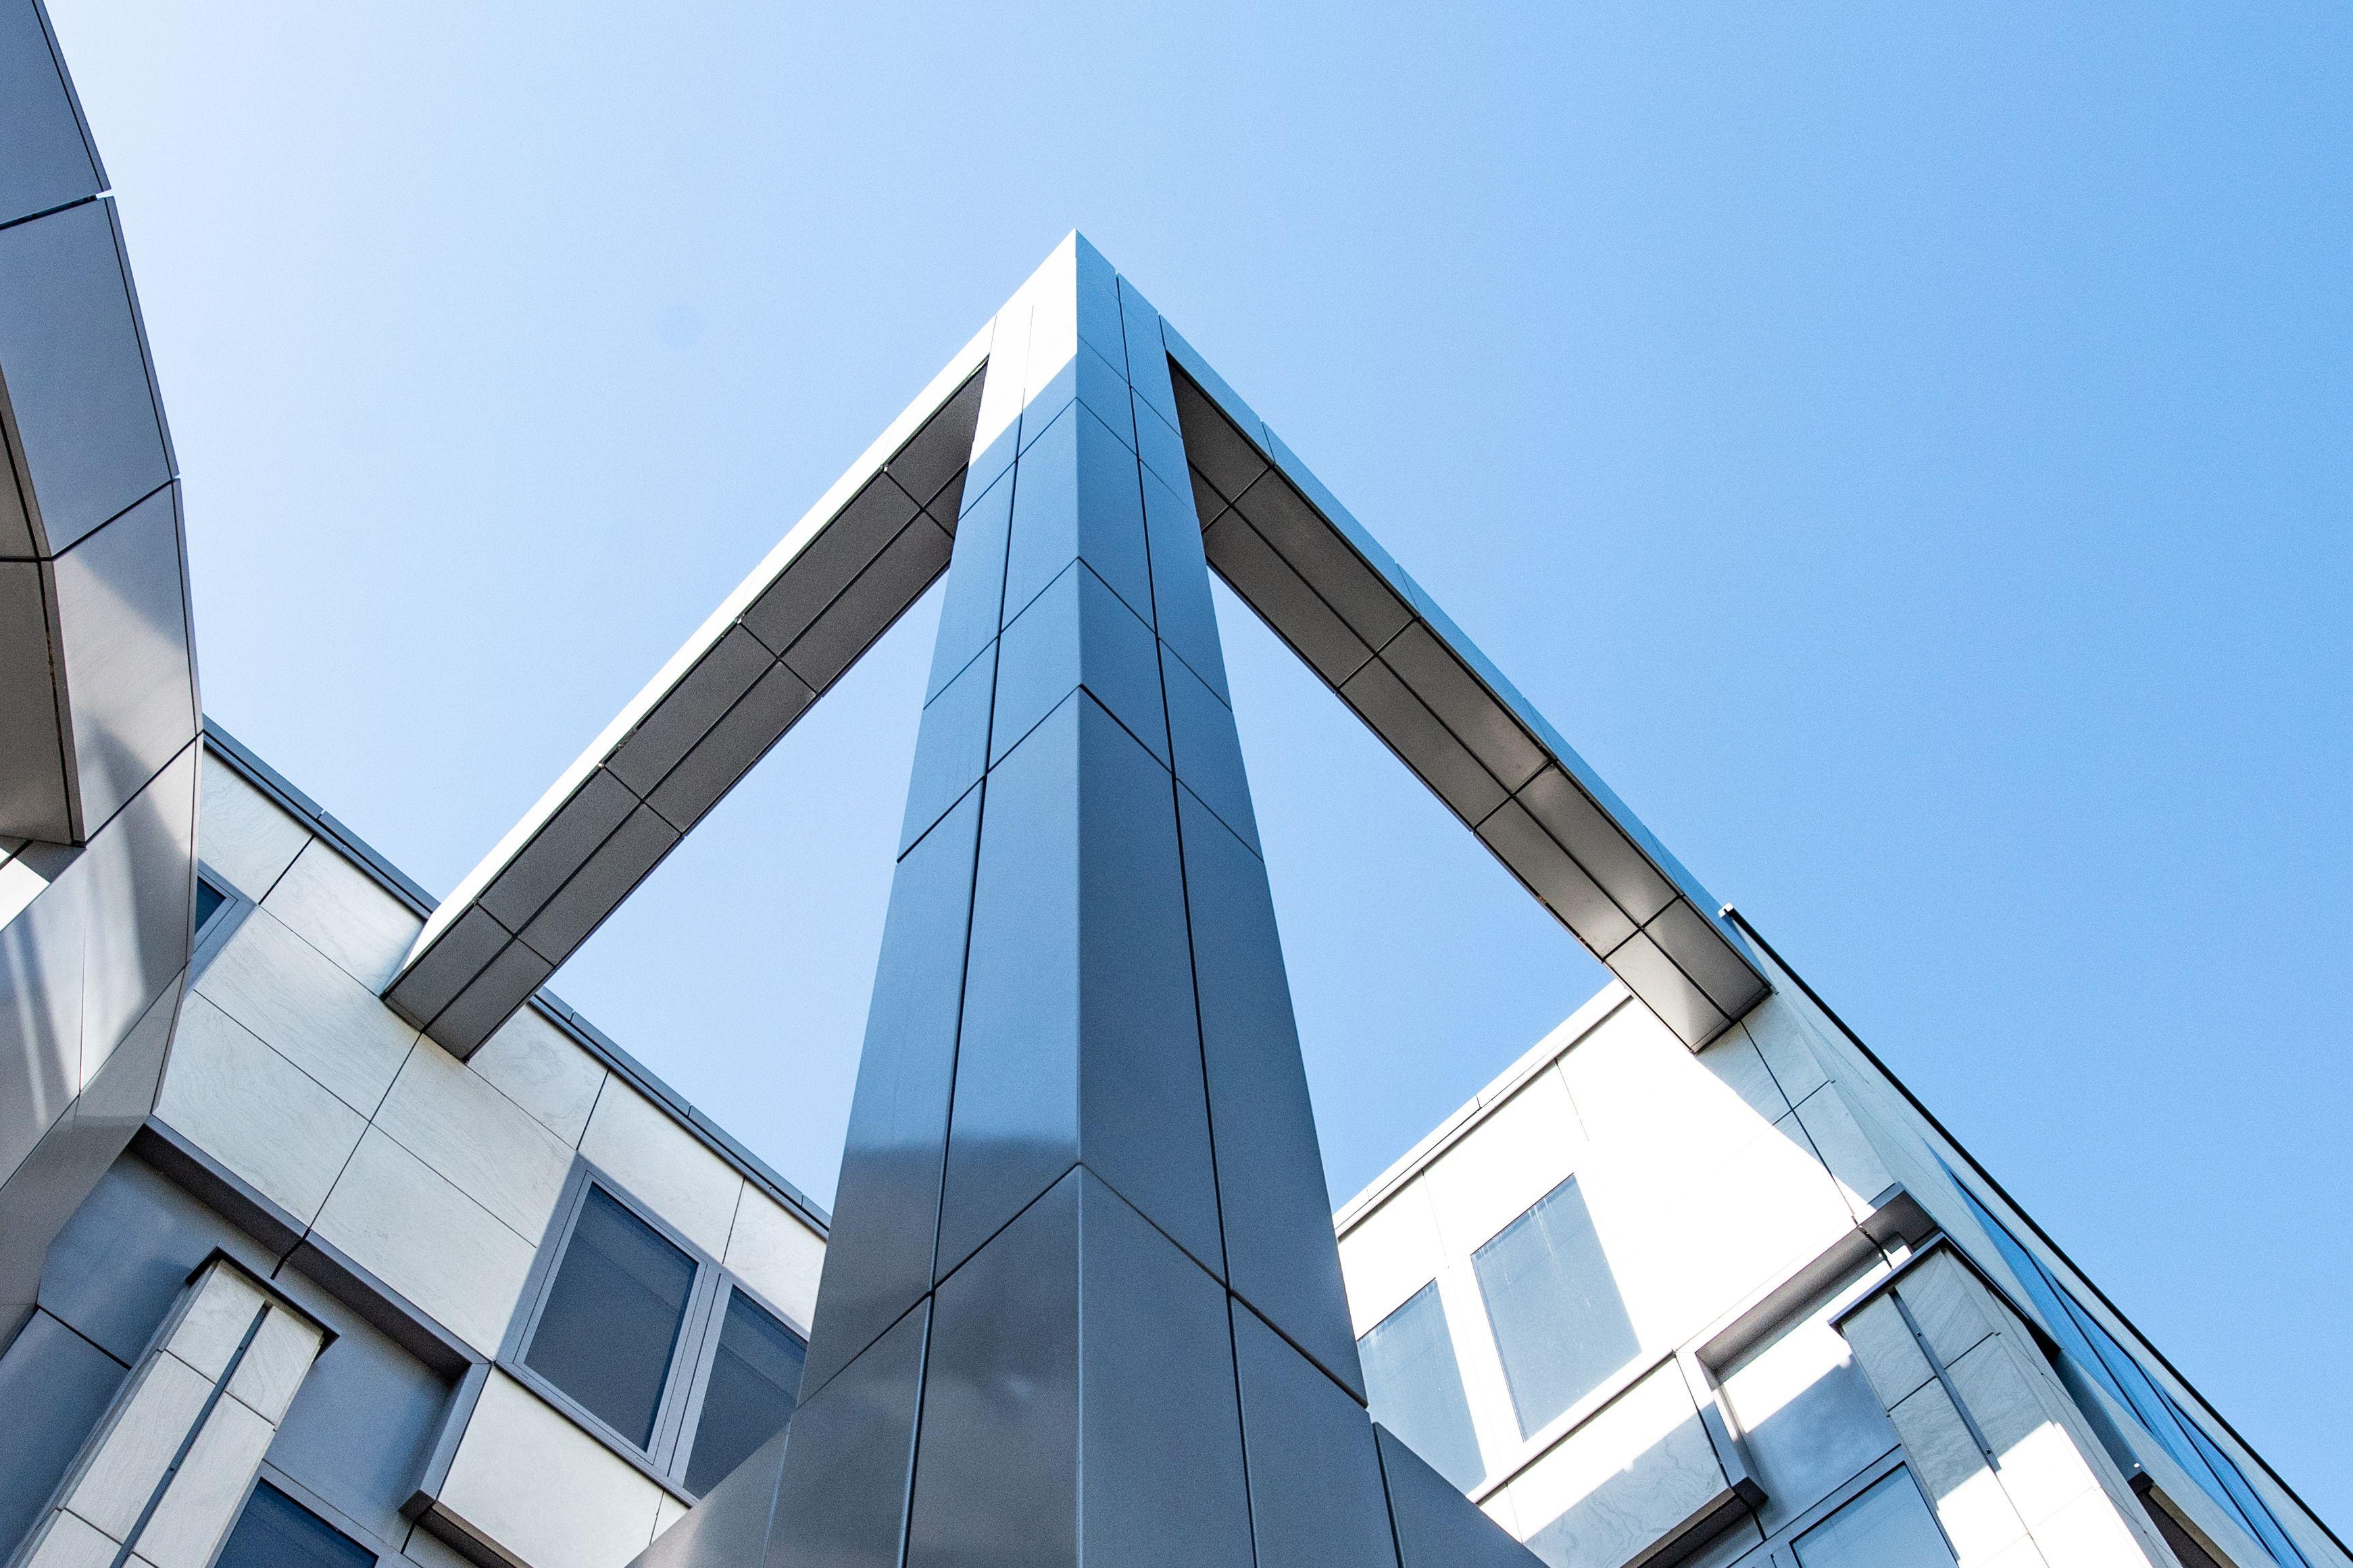 Blick von unten hoch an der freistehenden Säule des Thomas-Dehler-Hauses, in der Mitte des Gebäudes.